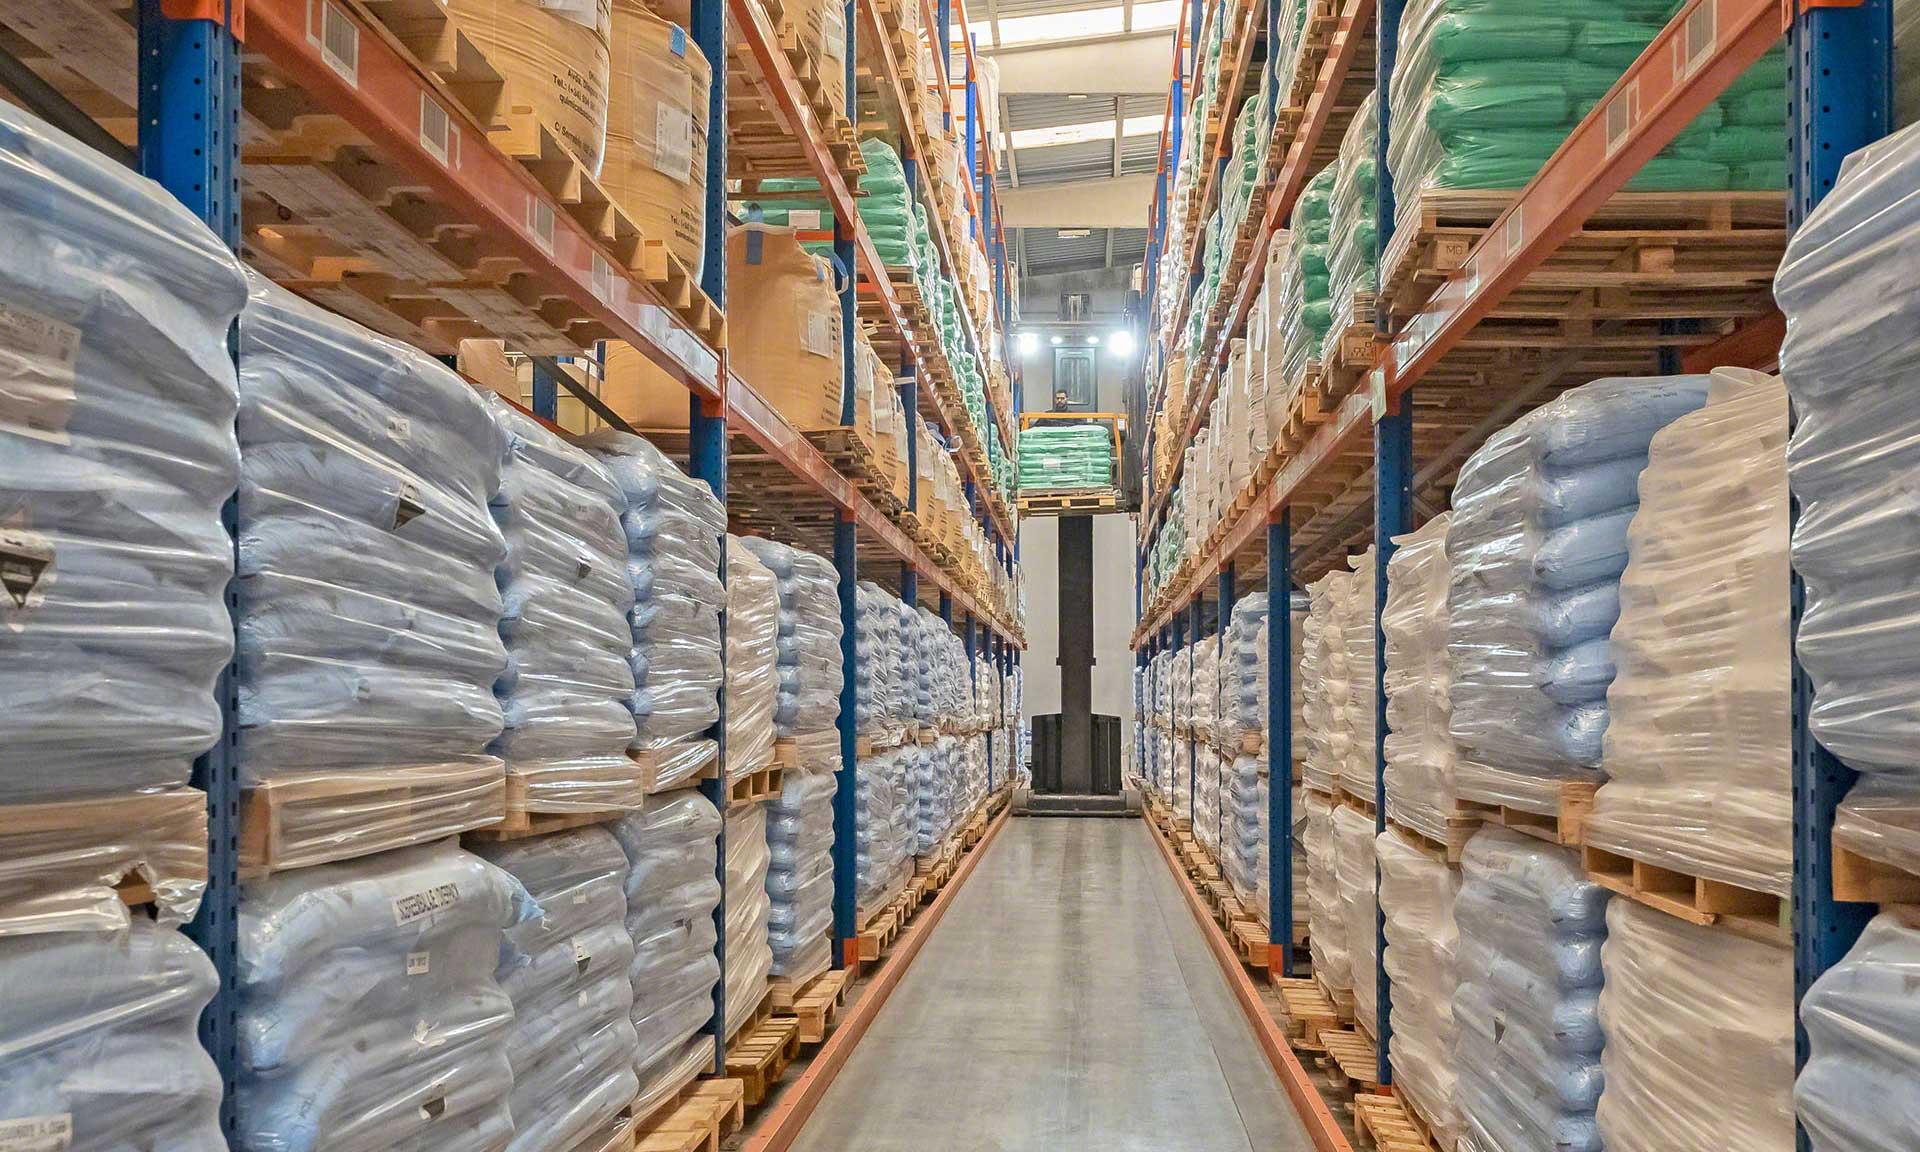 Global-TALKE: almacén sectorizado con más de 1.000 referencias de productos químicos